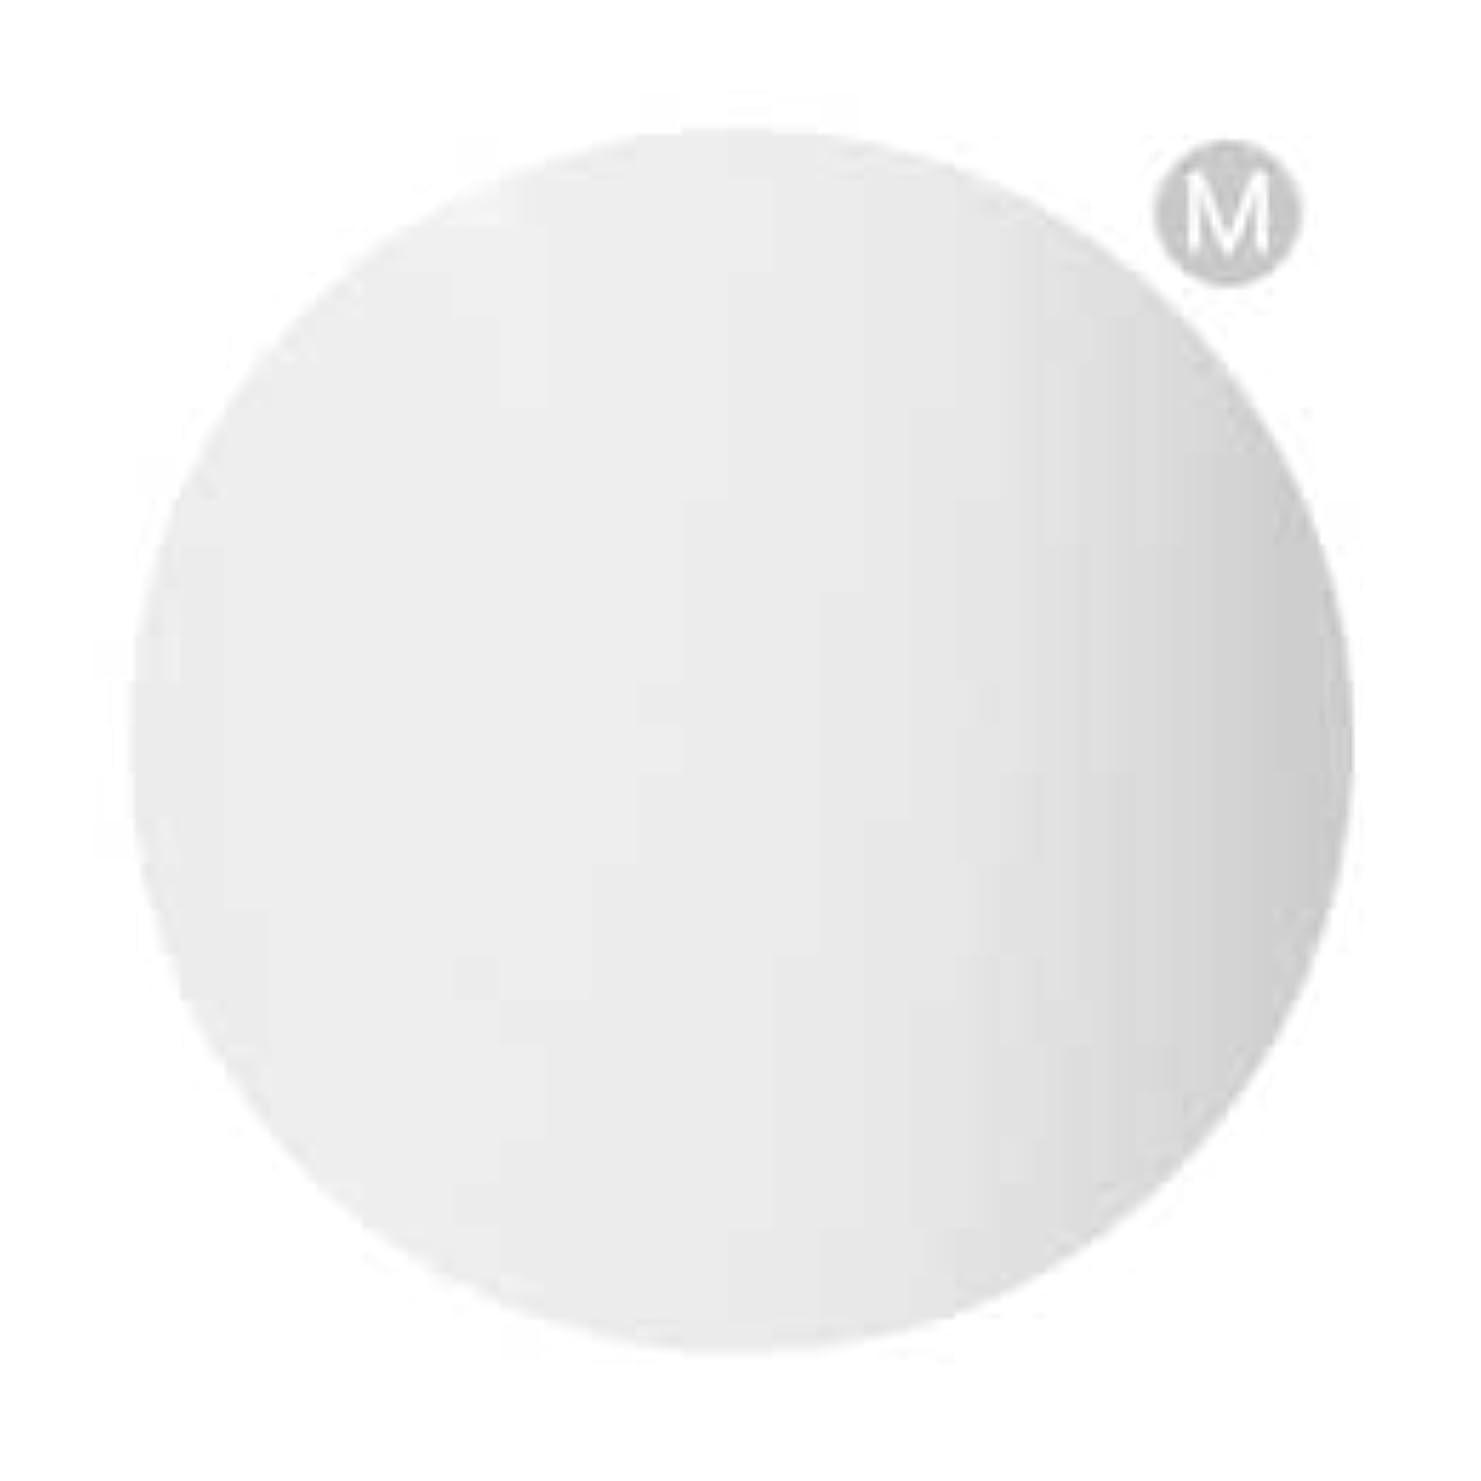 ガラスカニずっとPalms Graceful カラージェル 3g 045 ミルキーホワイト